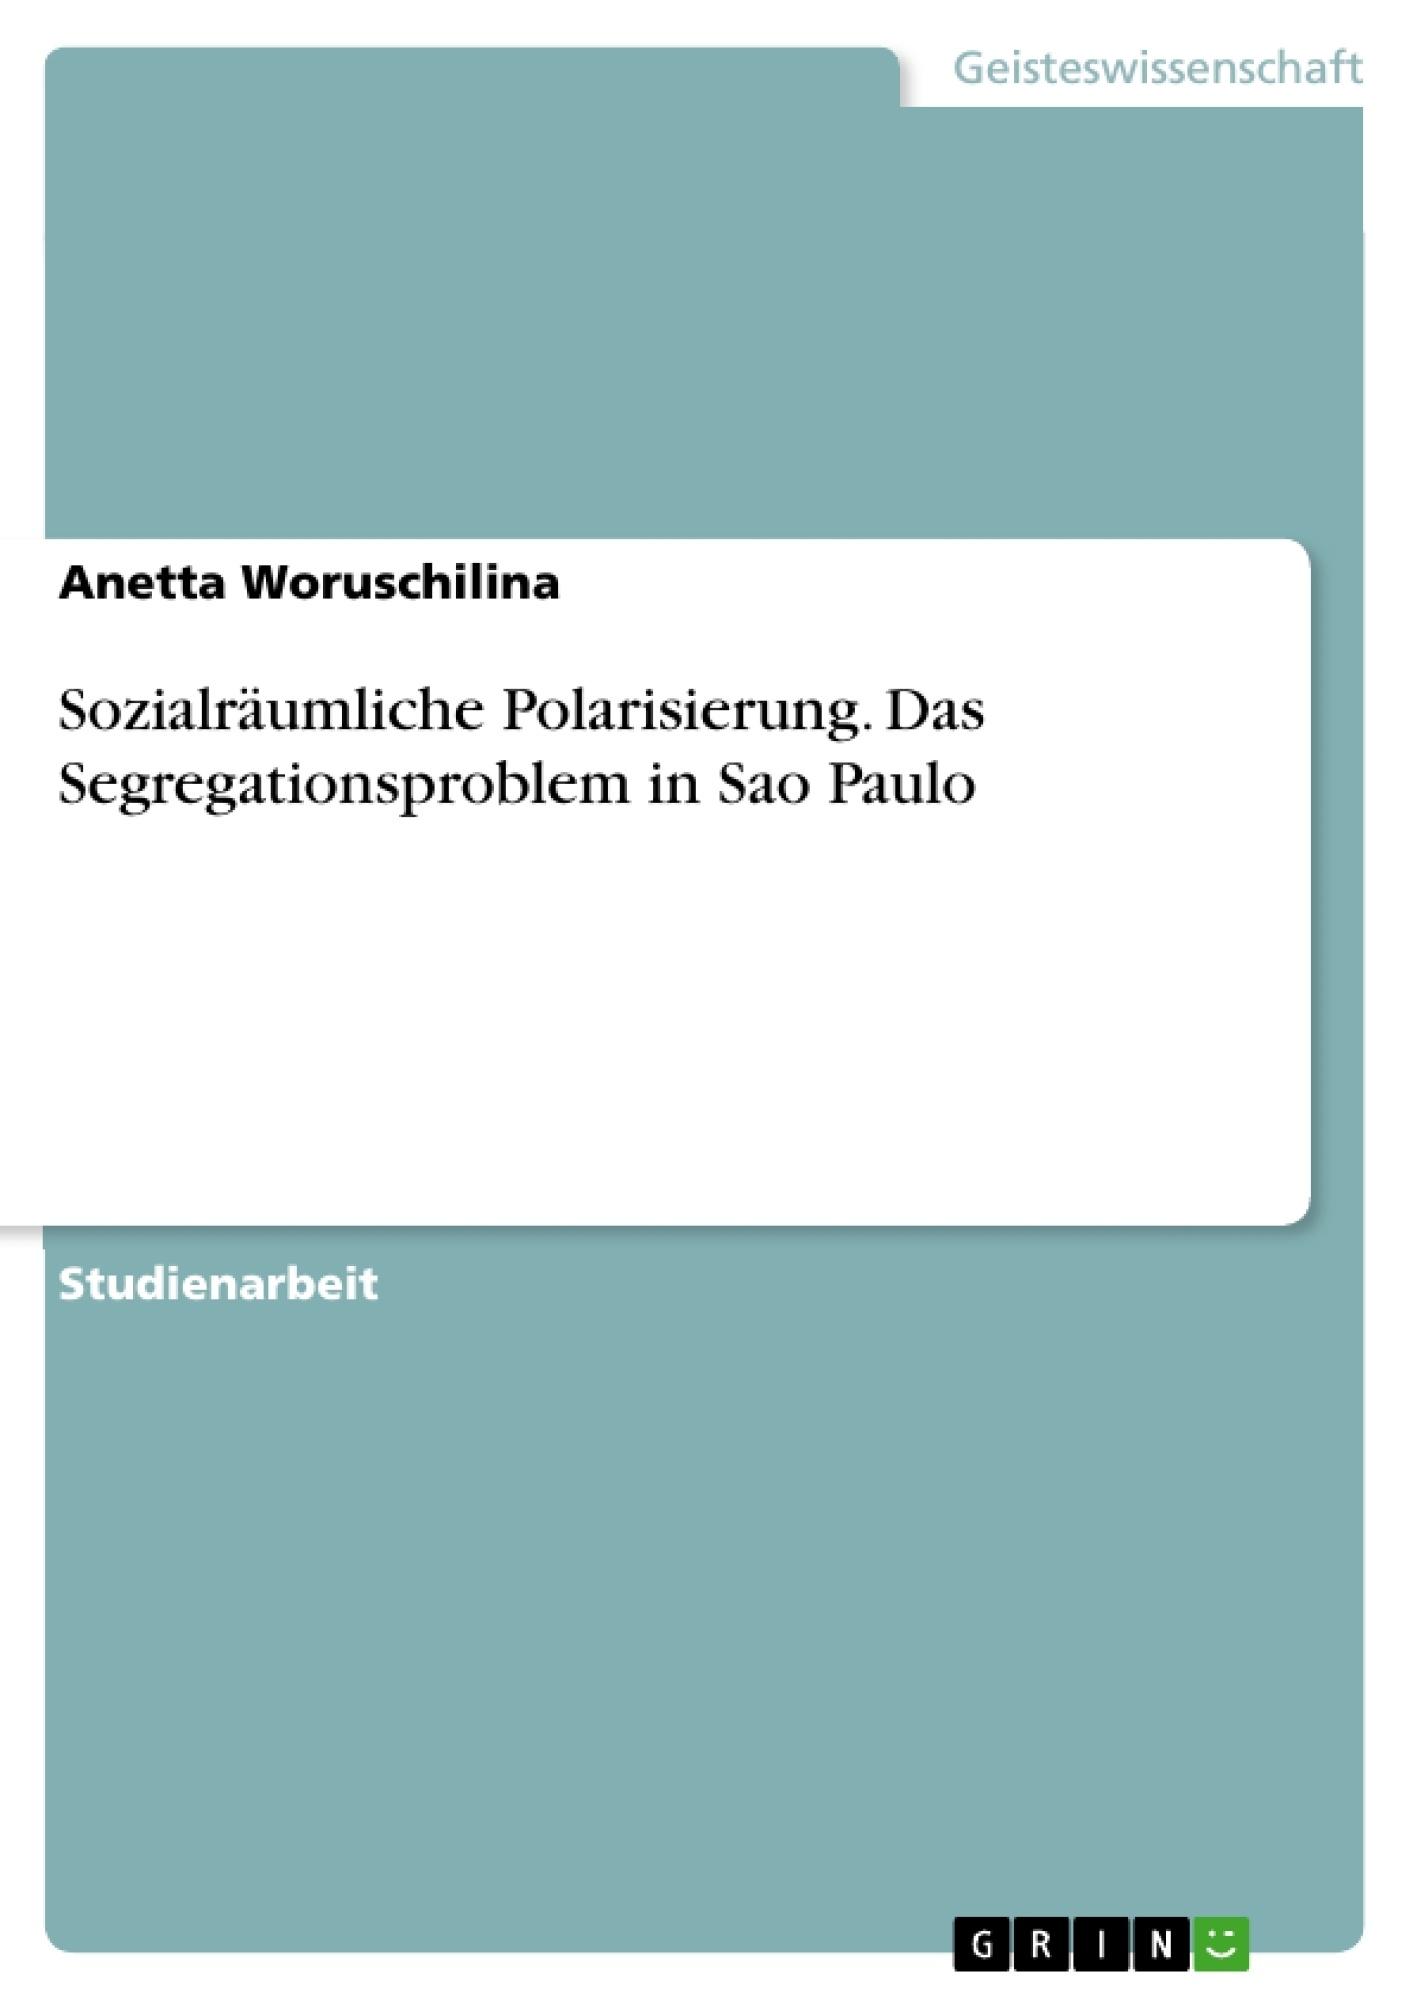 Titel: Sozialräumliche Polarisierung. Das Segregationsproblem in Sao Paulo